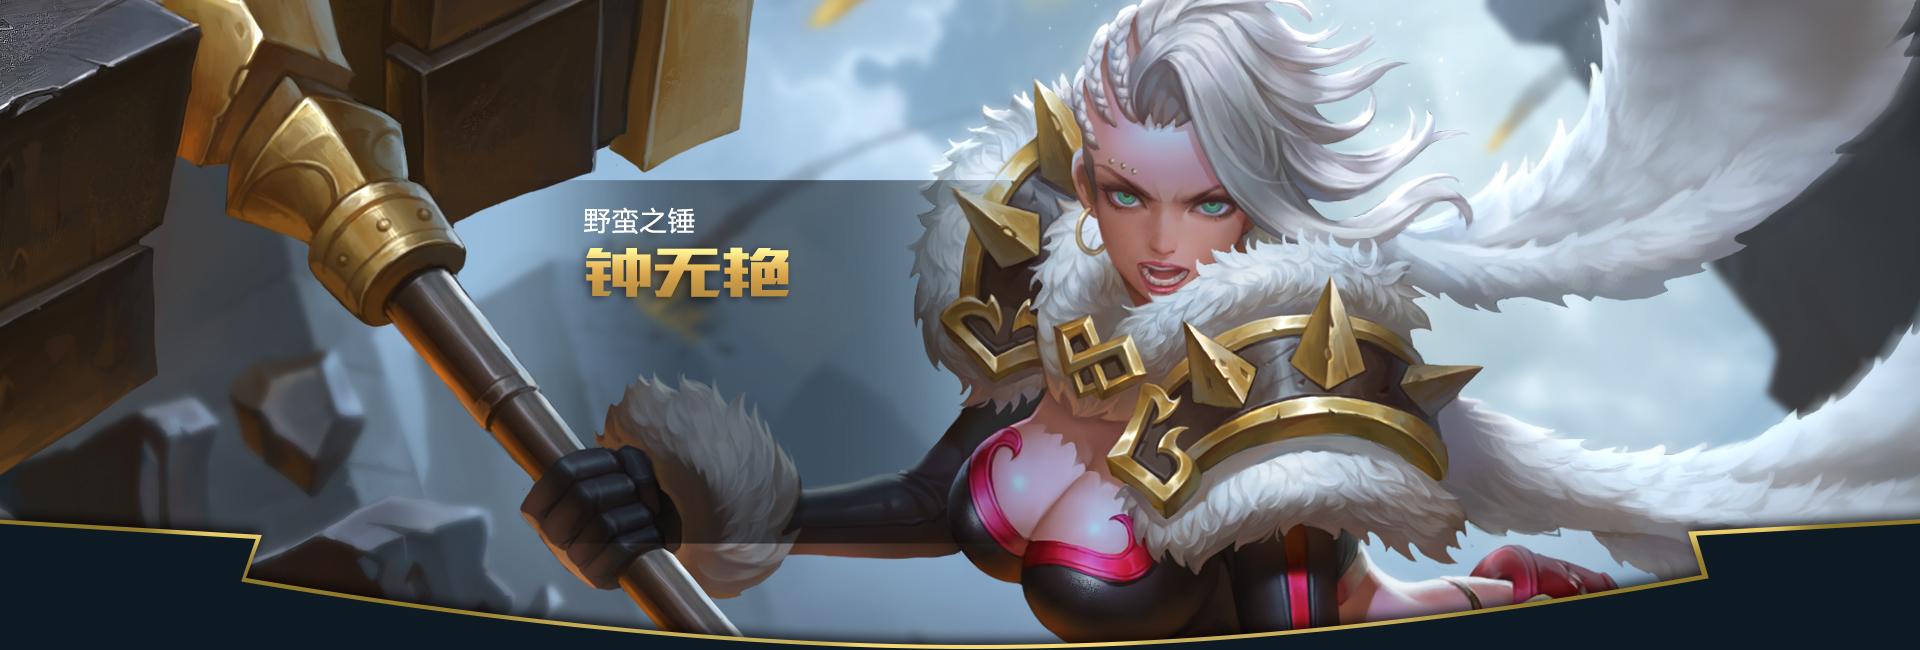 第2弹《王者荣耀英雄皮肤CG》竞技游戏65